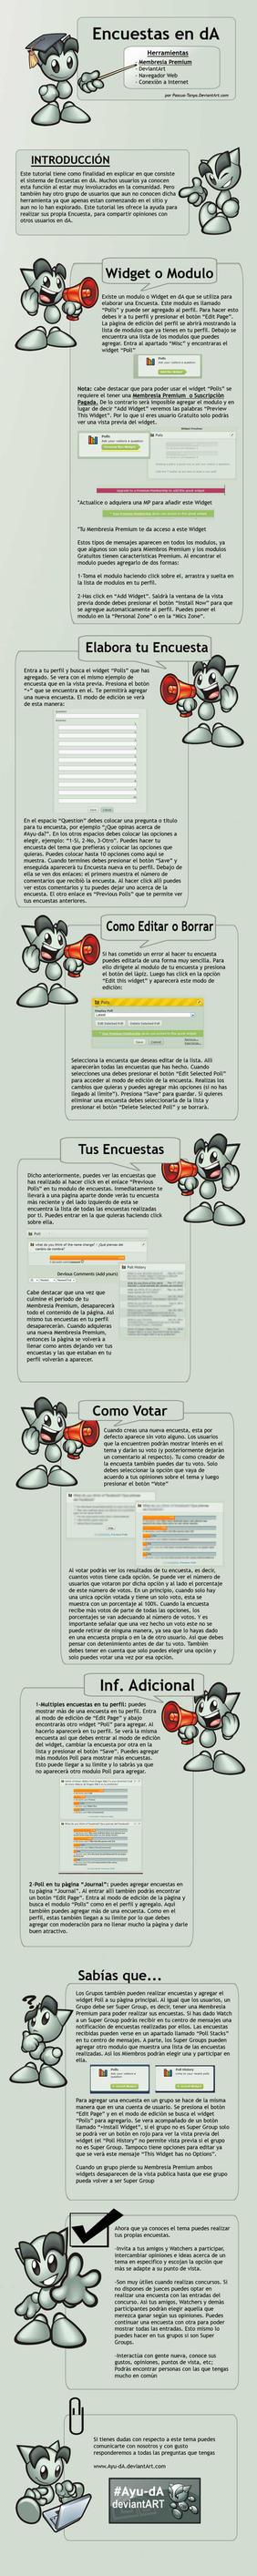 Encuestas en dA by Pascua-Tanya